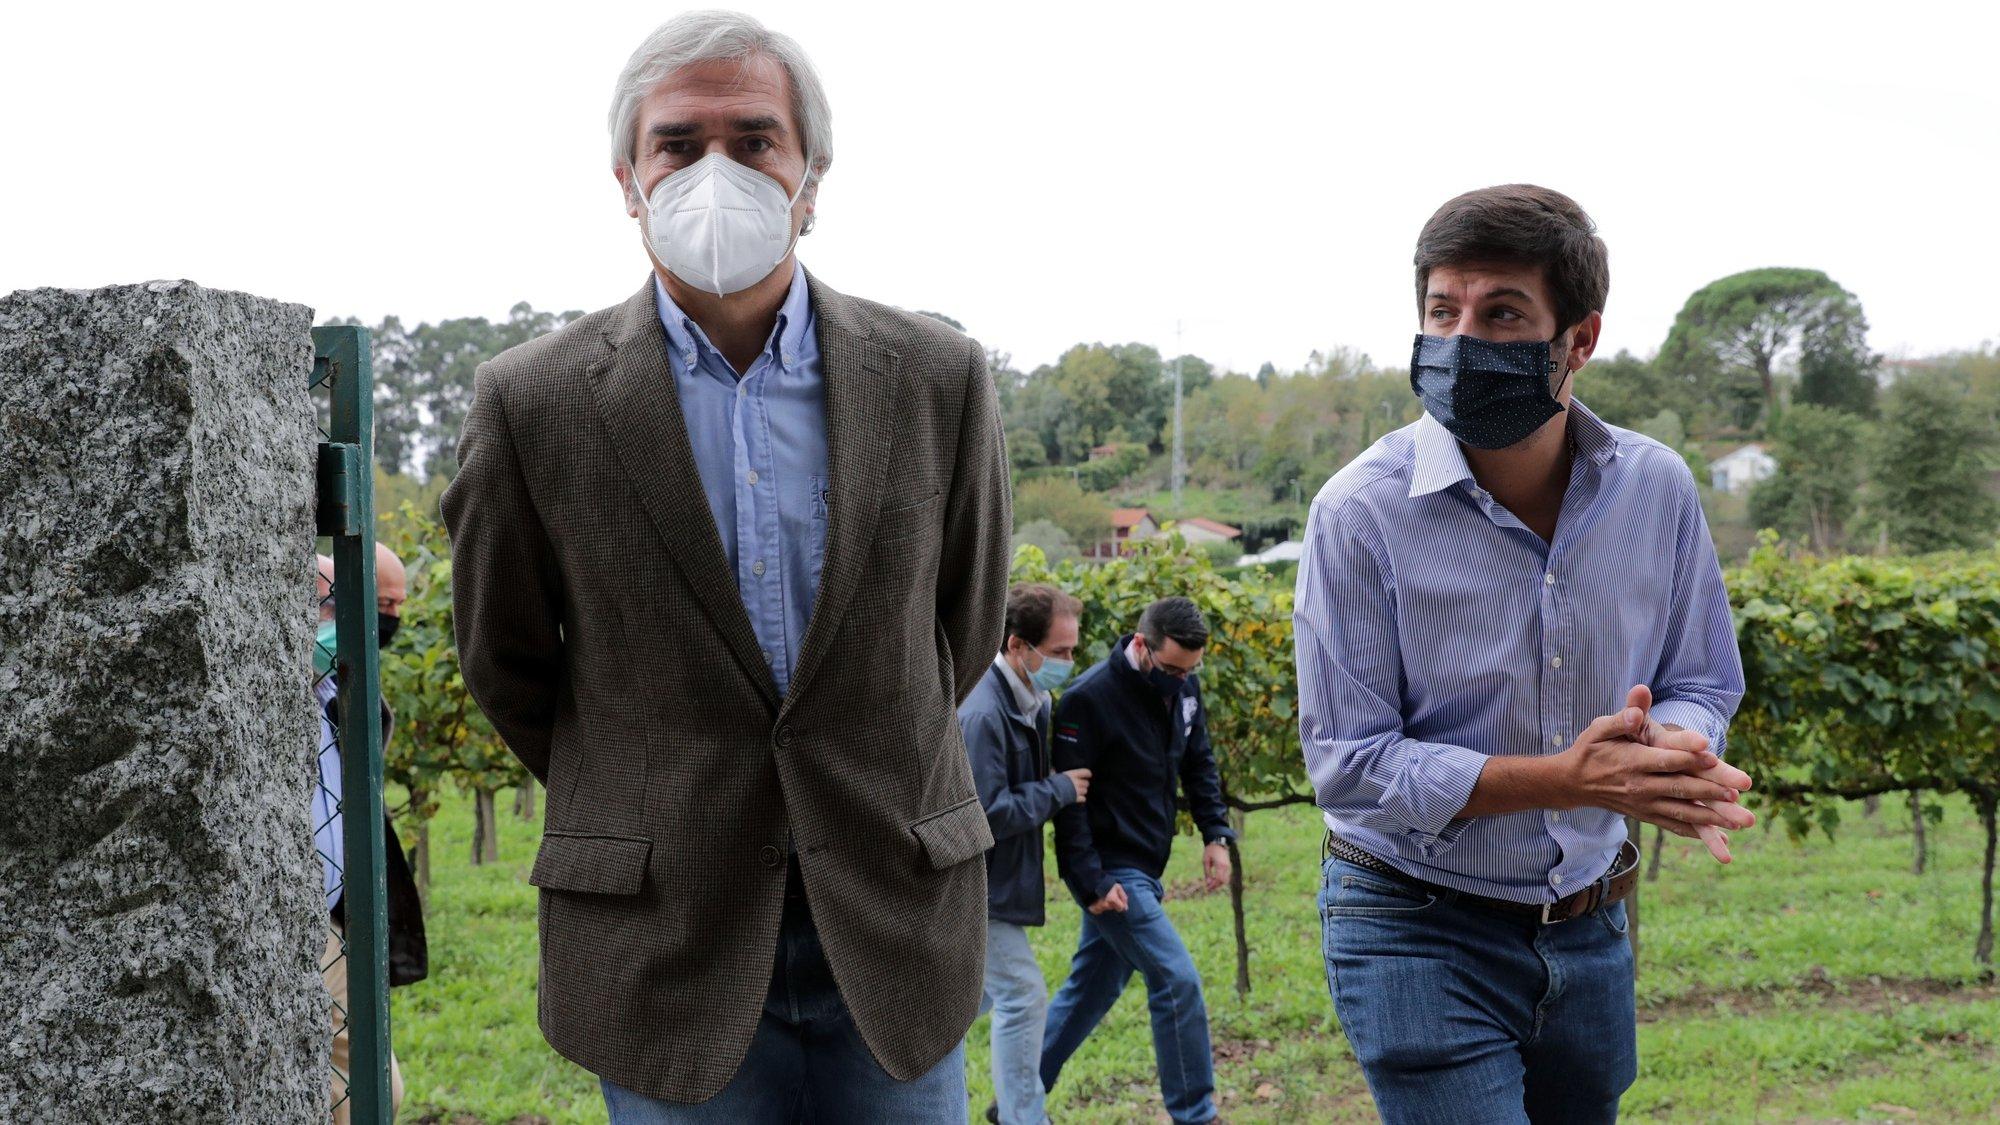 O presidente do CDS-PP, Francisco Rodrigues dos Santos (D), com o eurodeputado Nuno Melo durante a visita à Quinta da Aveleira em Guimarães, 26 setembro 2020. ESTELA SILVA/LUSA